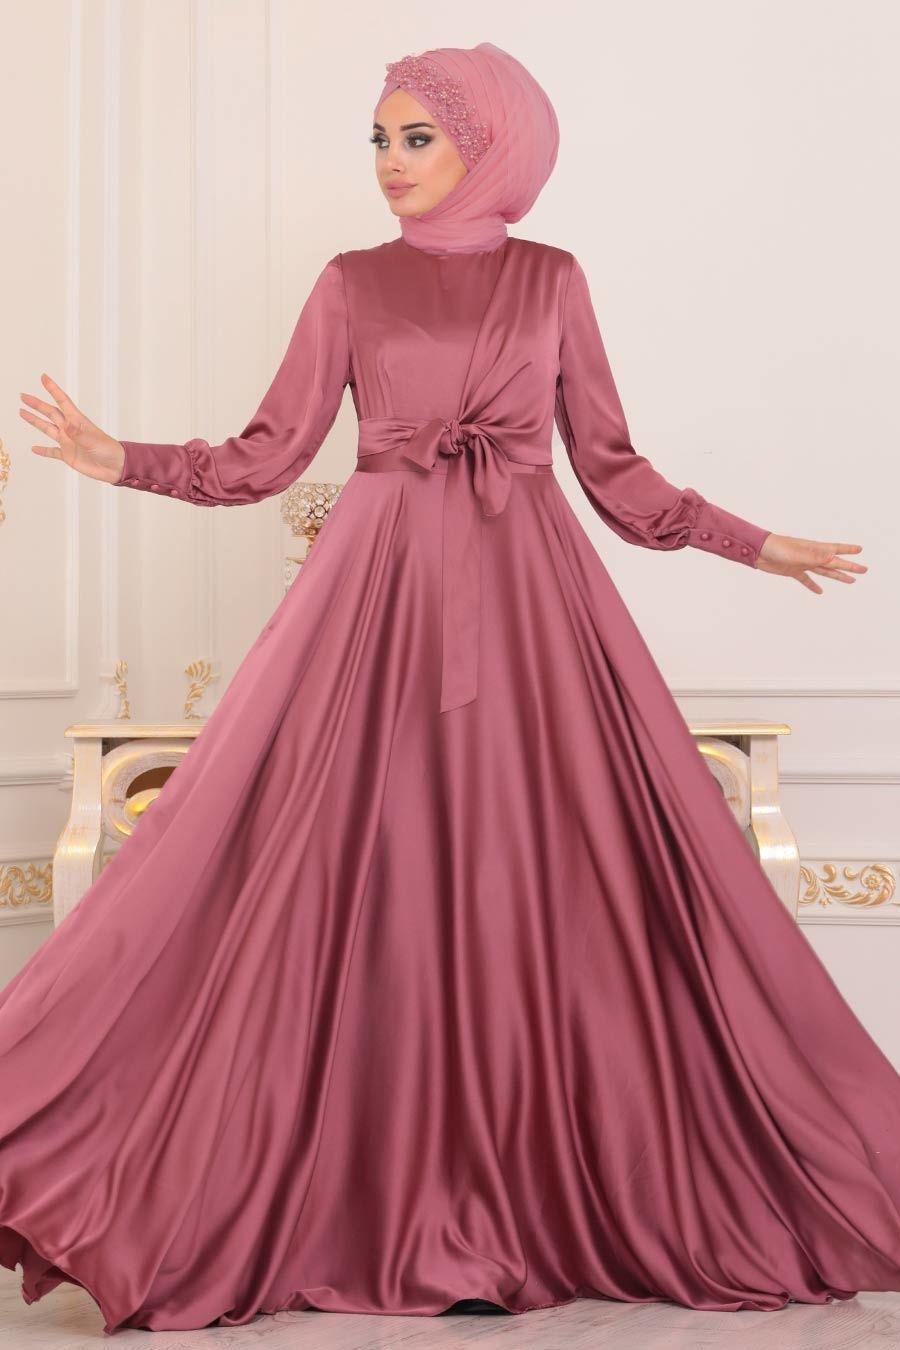 Tesetturlu Abiye Elbise Krep Saten Gul Kurusu Tesettur Abiye Elbise 1420gk Tesetturisland Com The Dress Elbise Aksamustu Giysileri